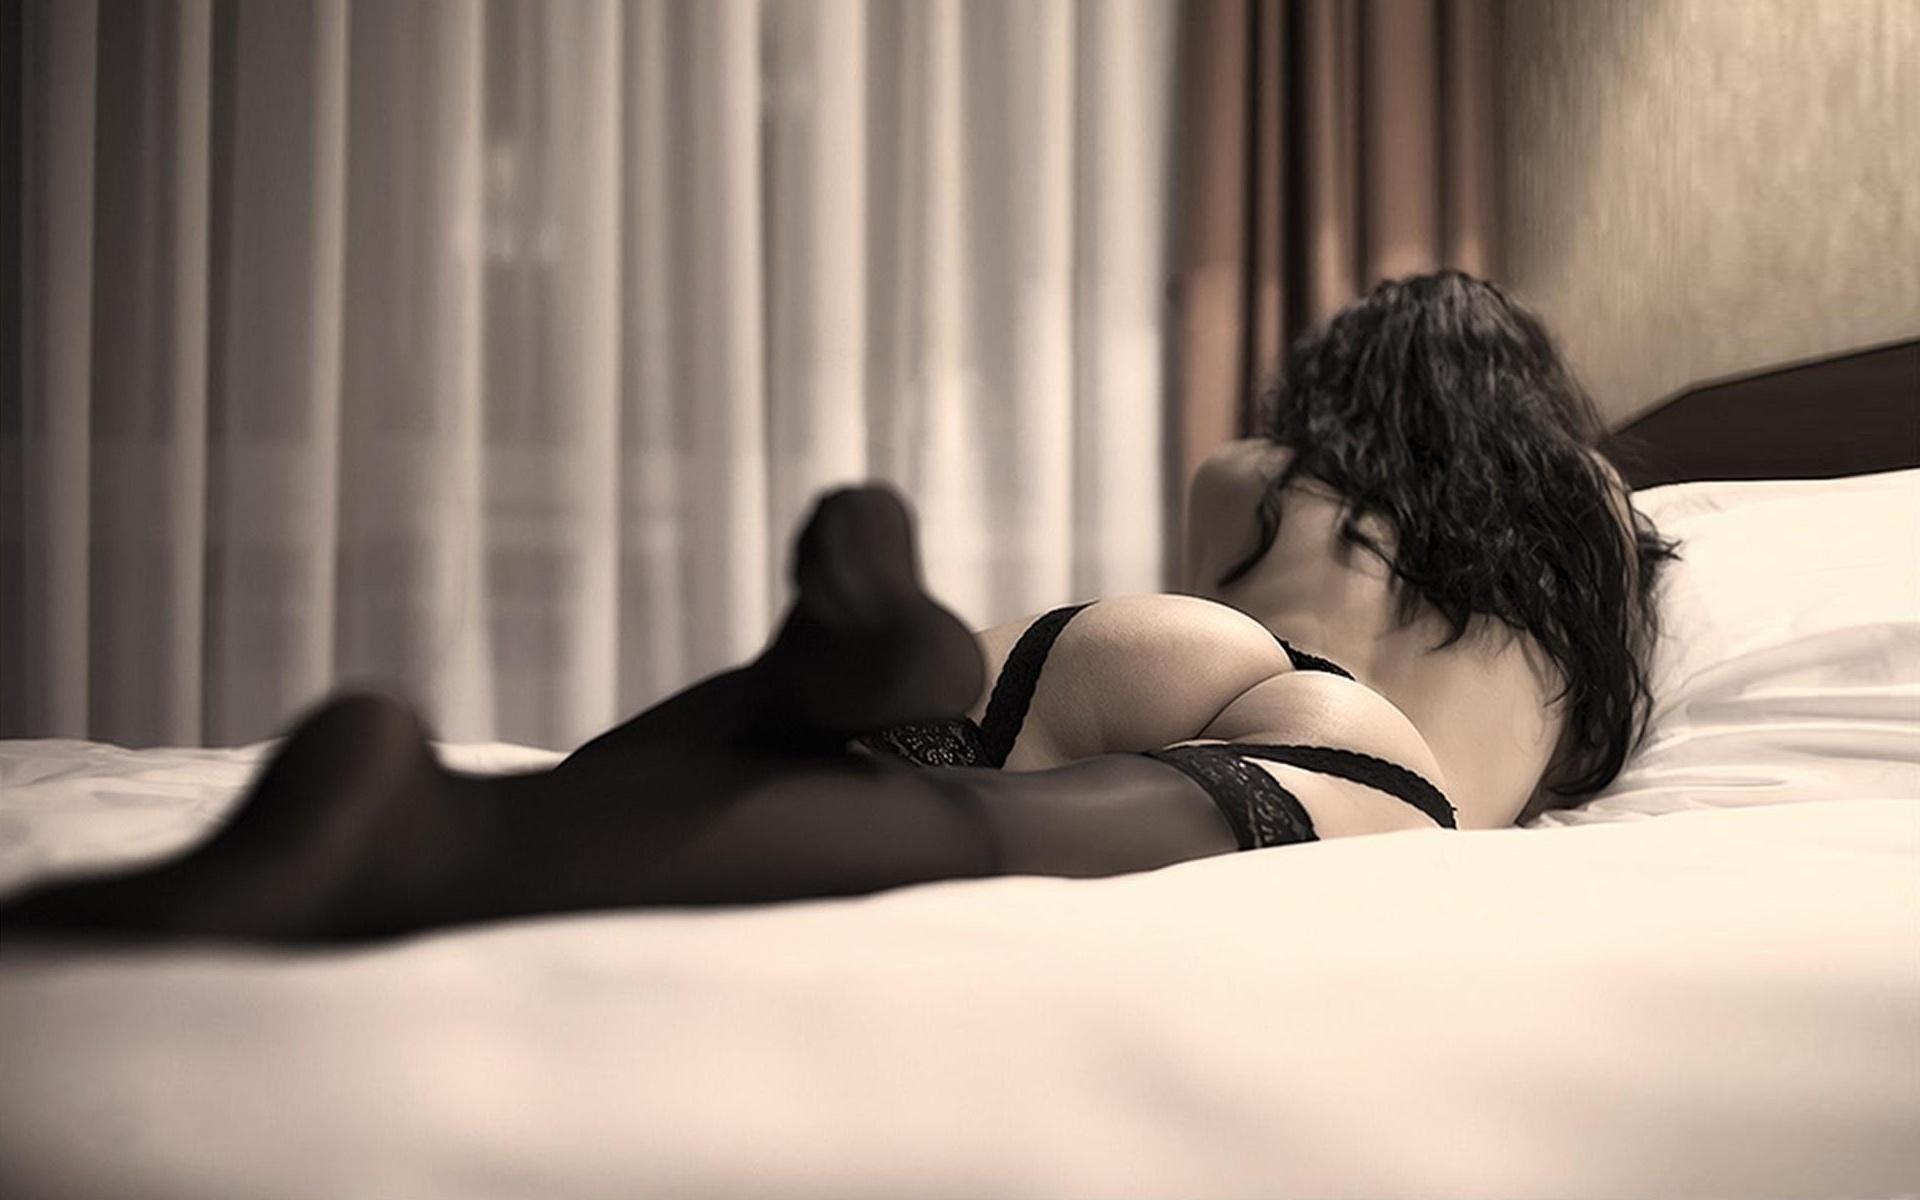 сексуальные фото в постели нами